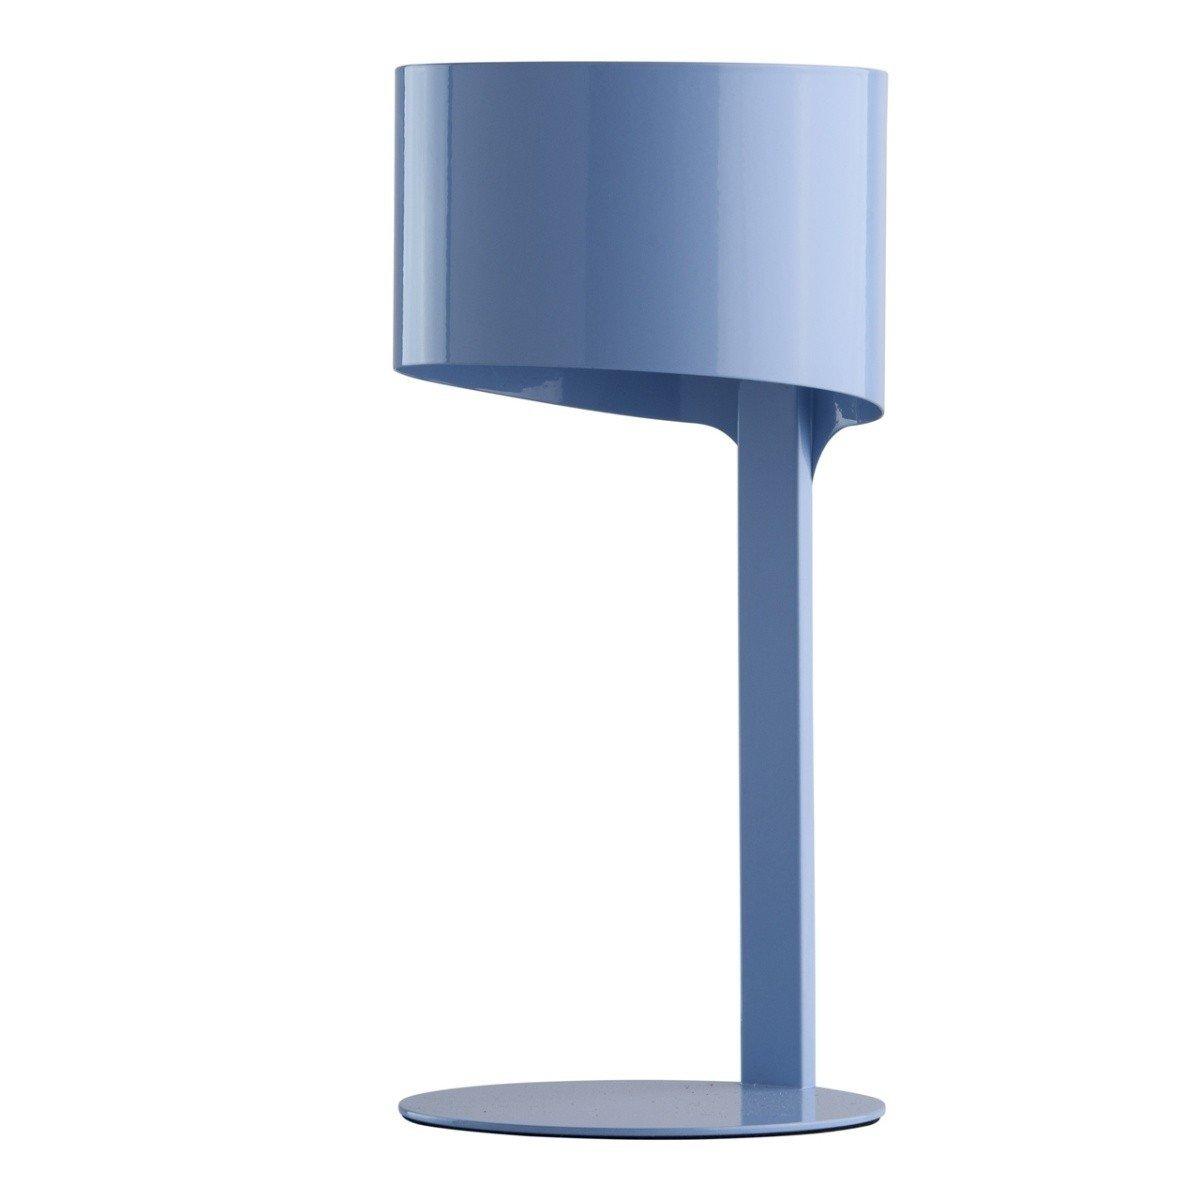 Lampa de birou MW-Light Megapolis, metalica, albastru